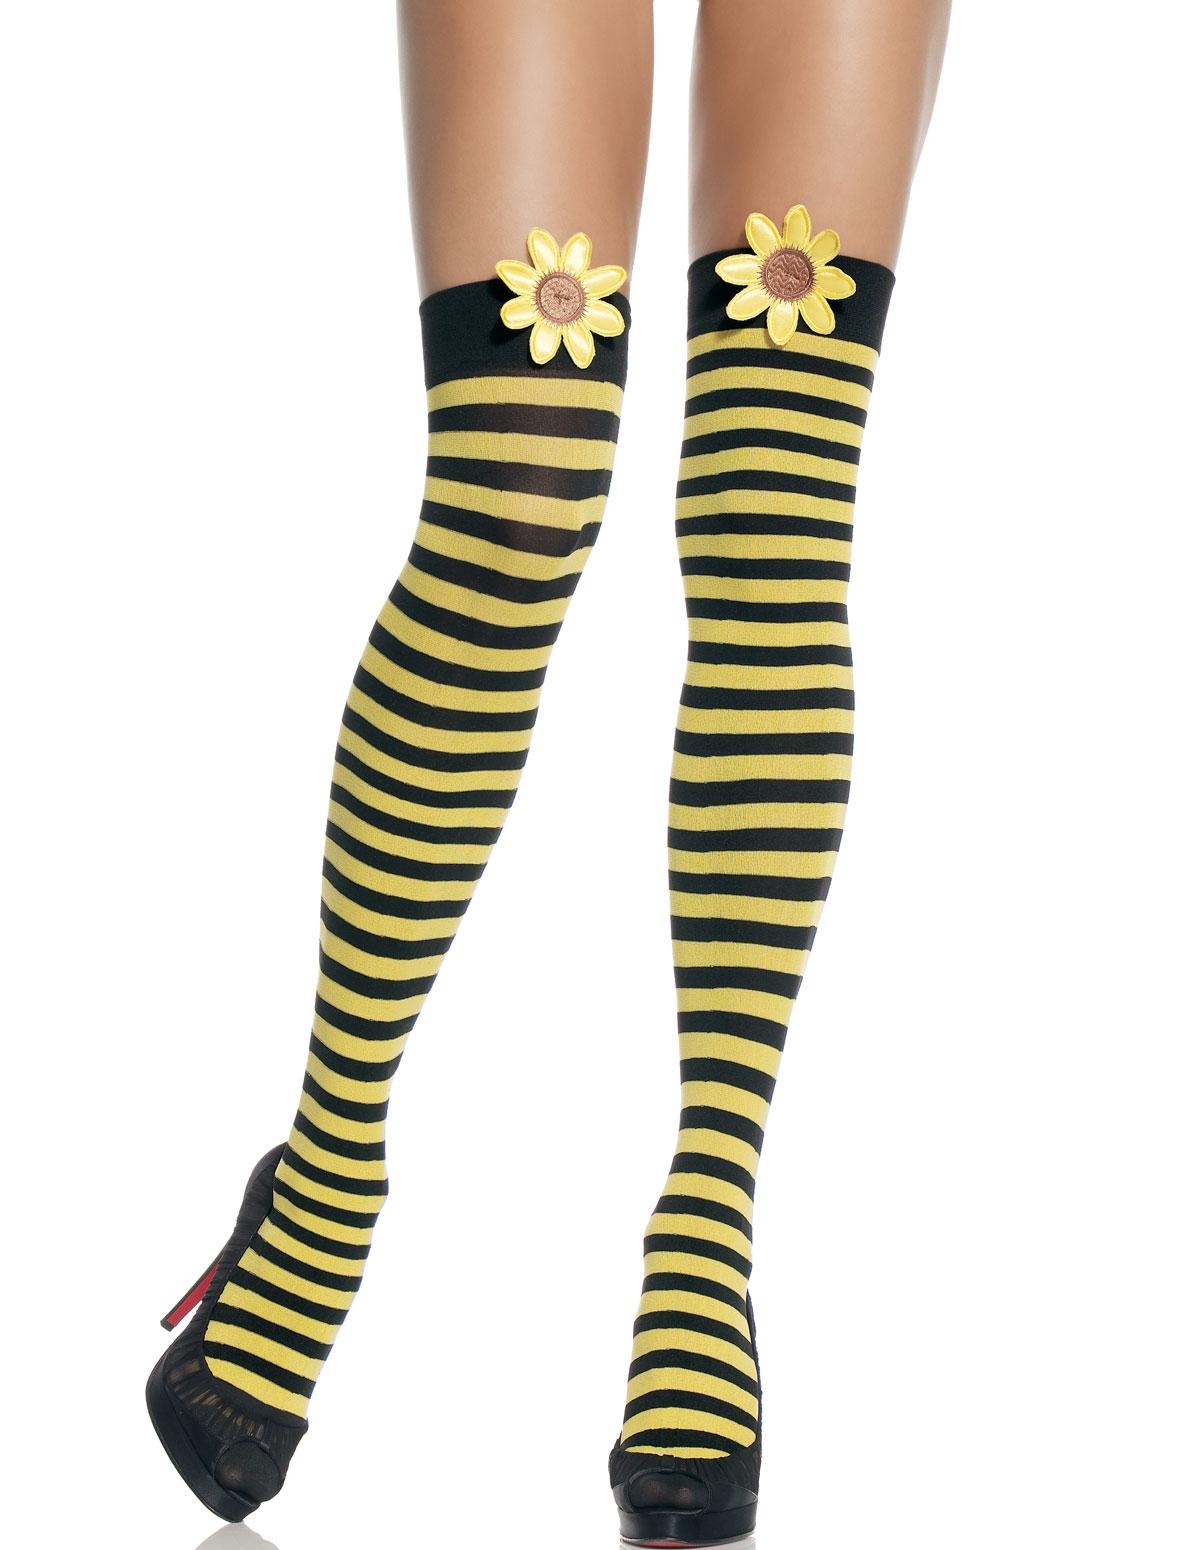 Striped Thigh Highs W/Daisy